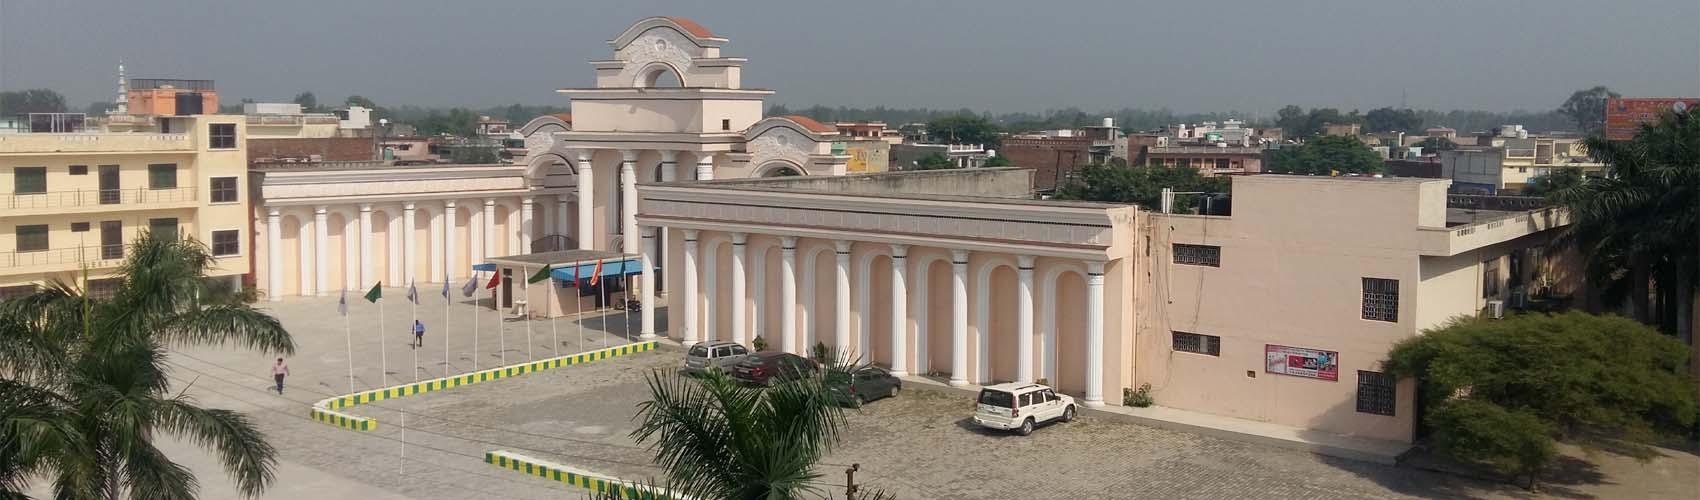 IFTM University, Moradabad Image